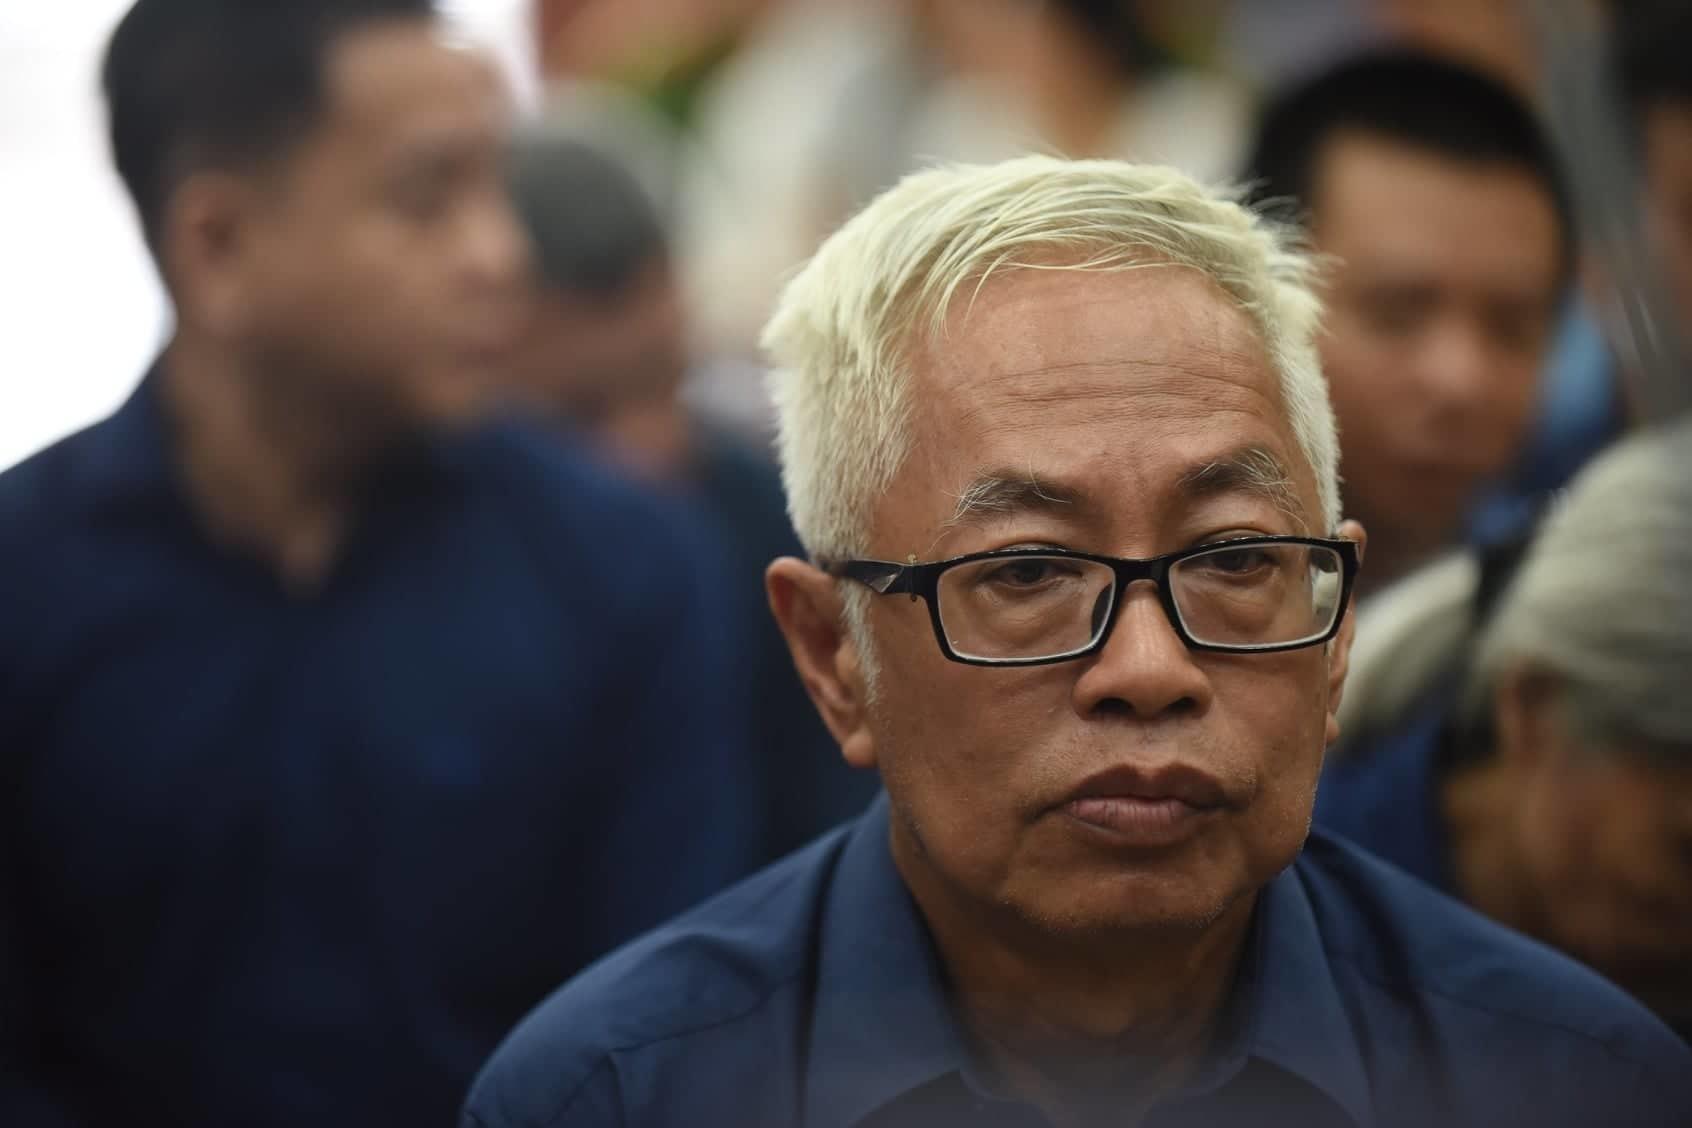 Phan Văn Anh Vũ,Vũ nhôm,Trần Phương Bình,DAB,chiếm đoạt tài sản